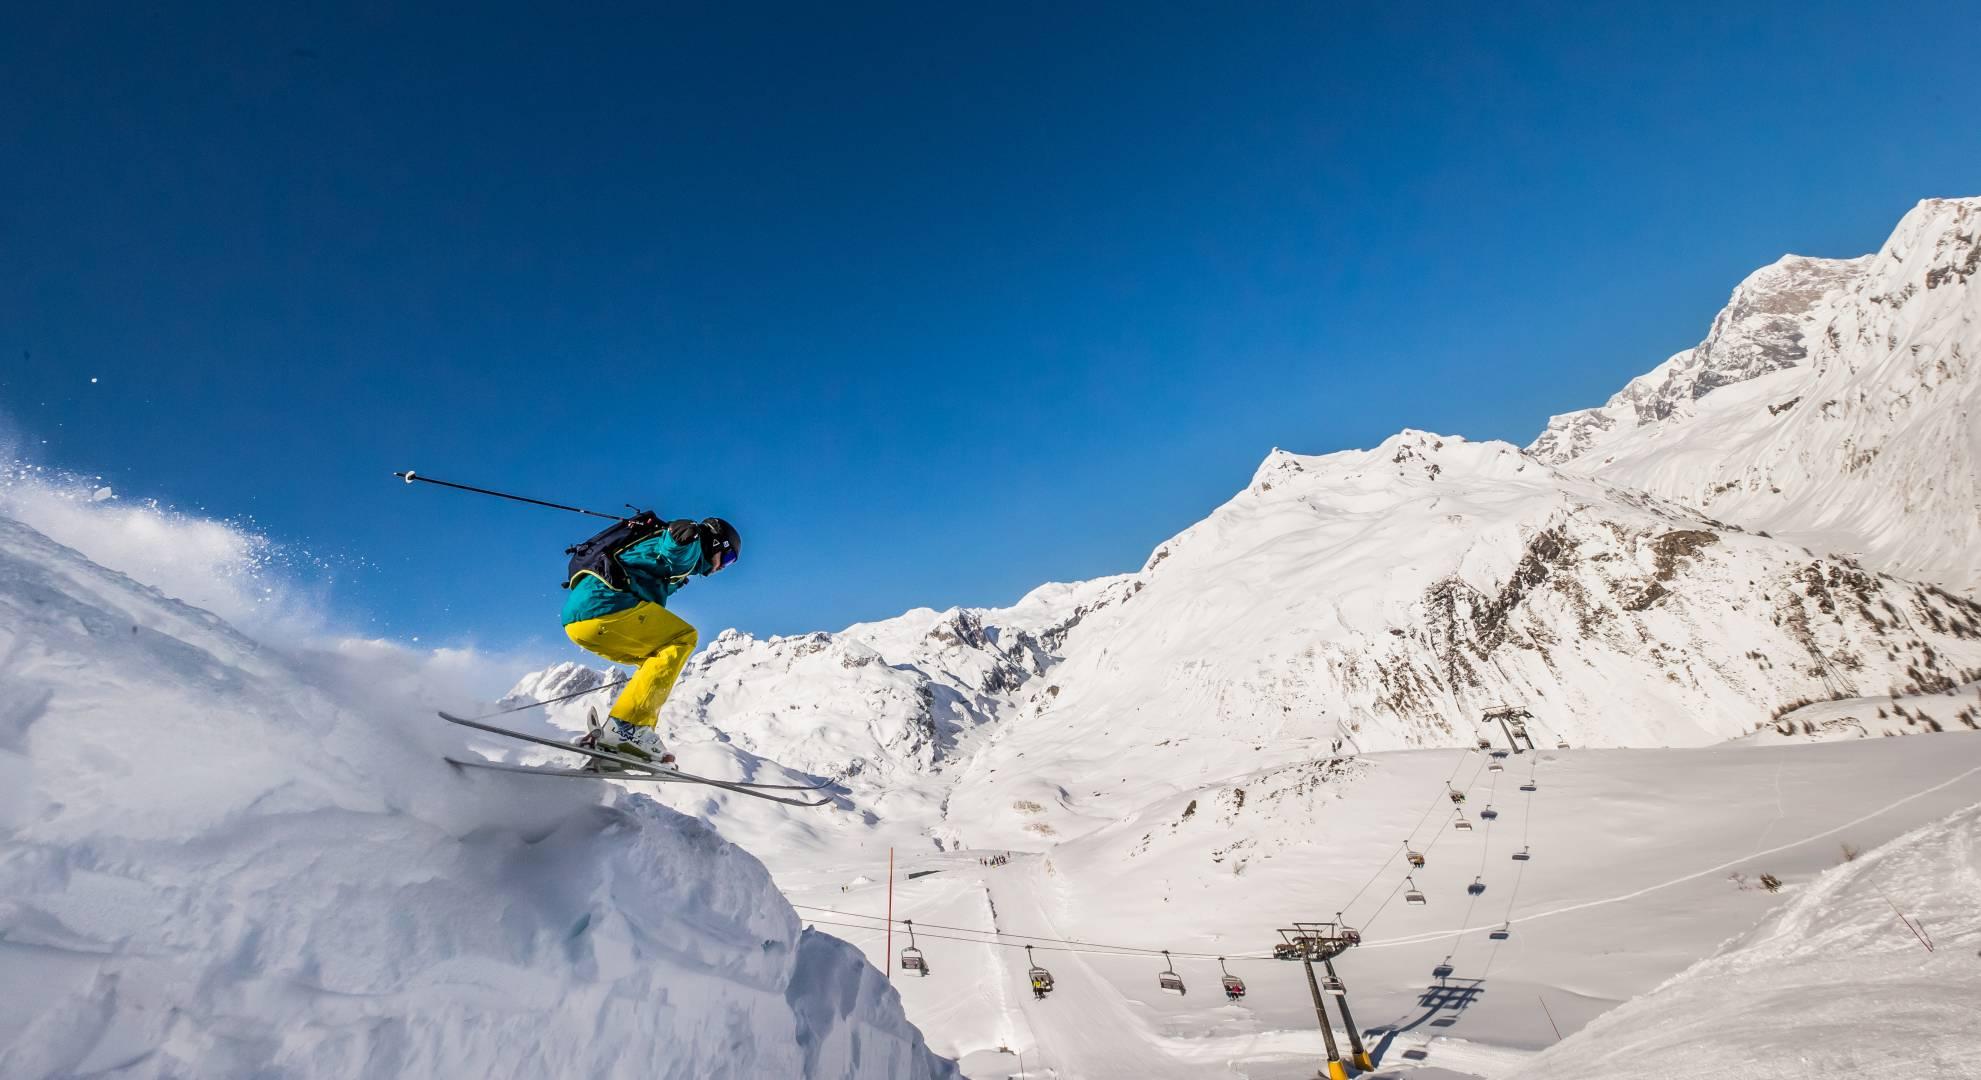 La Thuile stagione sciistica - inverno 2018/2019